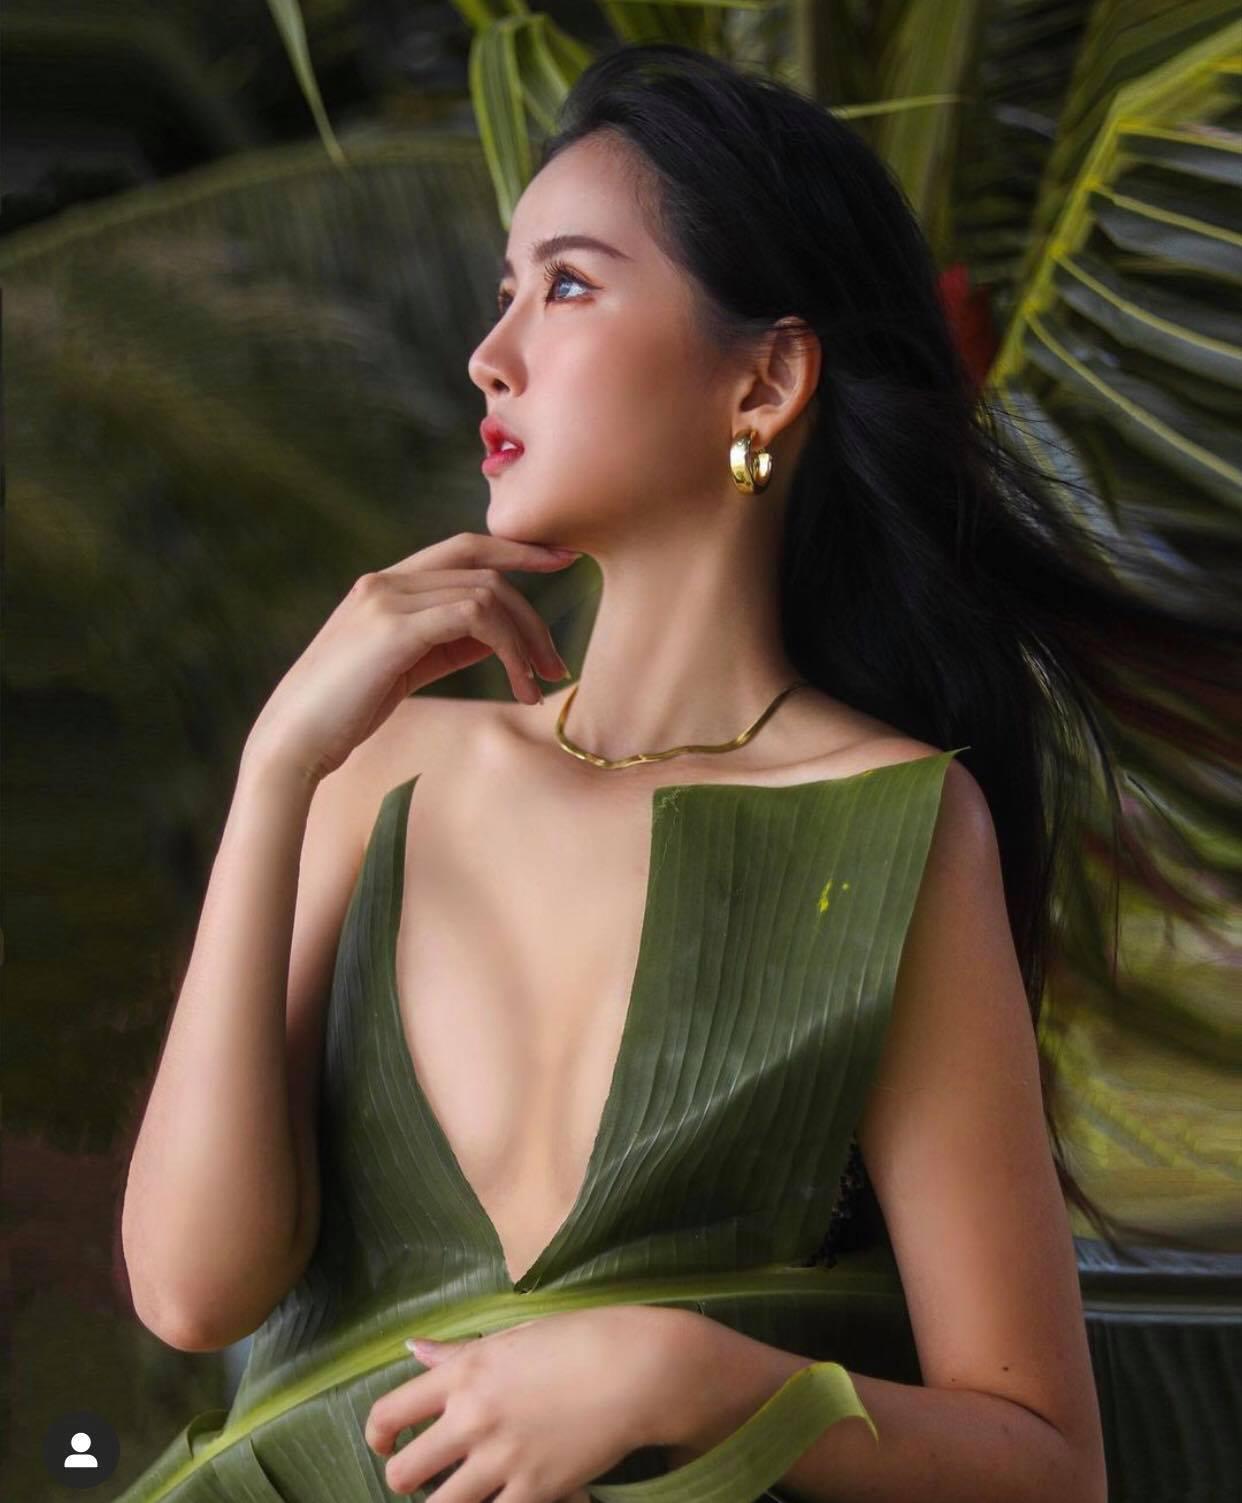 Mỹ nhân châu Á dùng lá chuối làm áo ngực, đẹp ảo diệu mà không phô